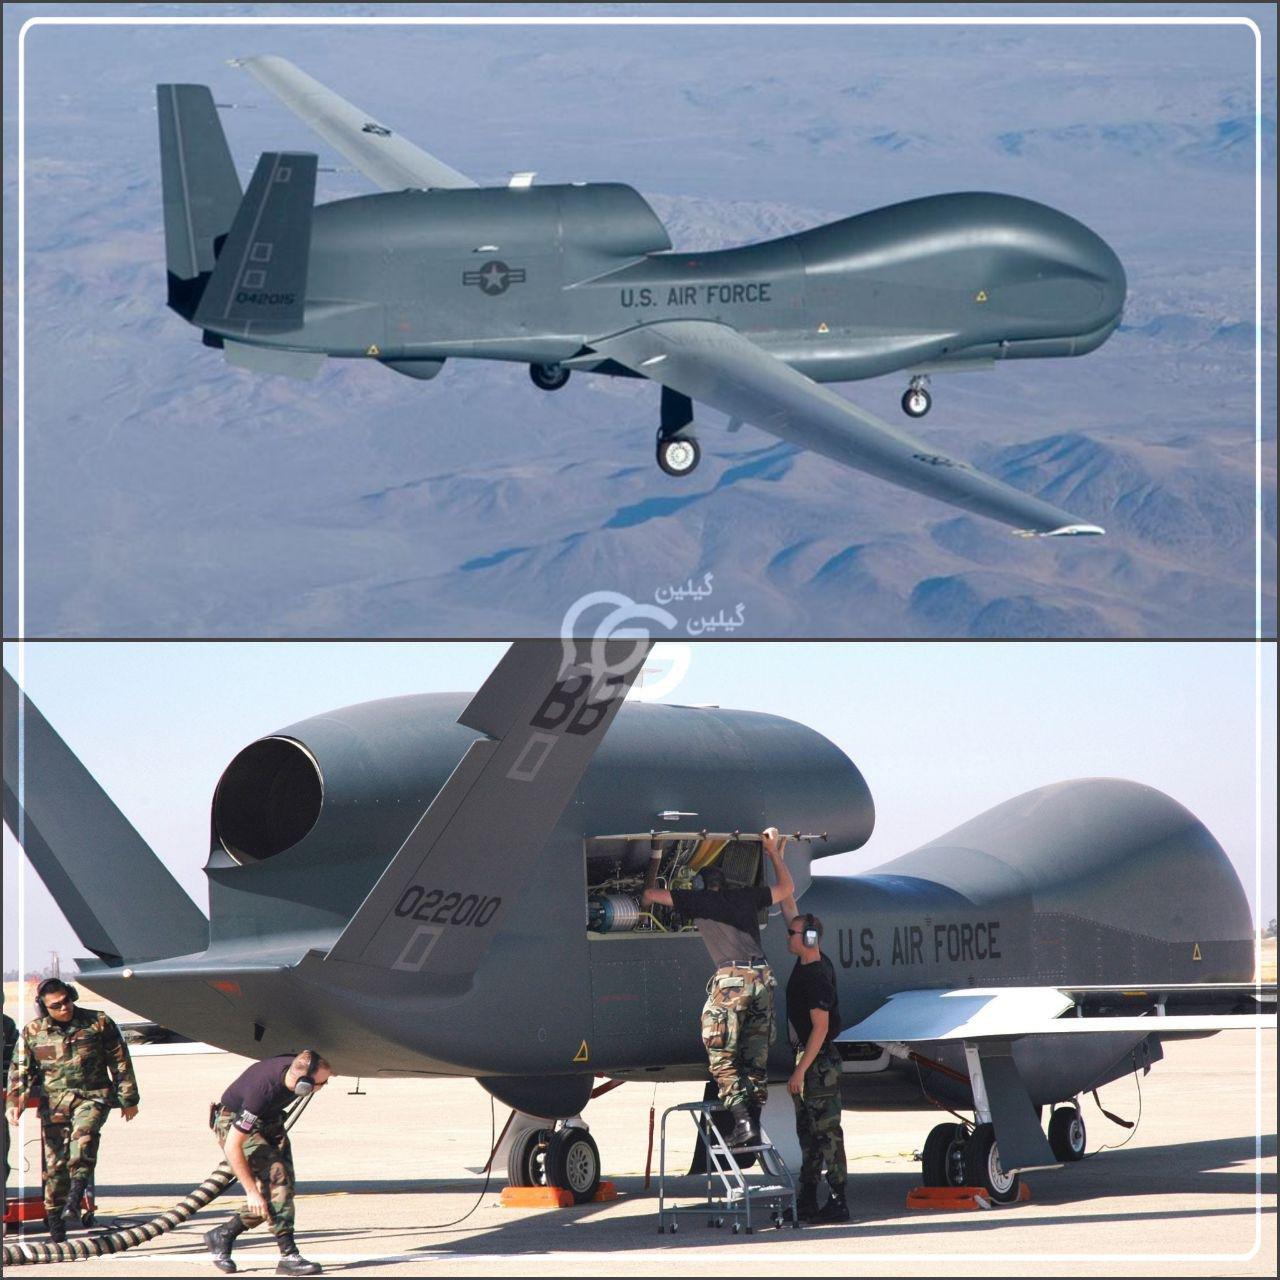 سرنگونی پهپاد جاسوسی آمریکا توسط سپاه پاسداران (عکس)